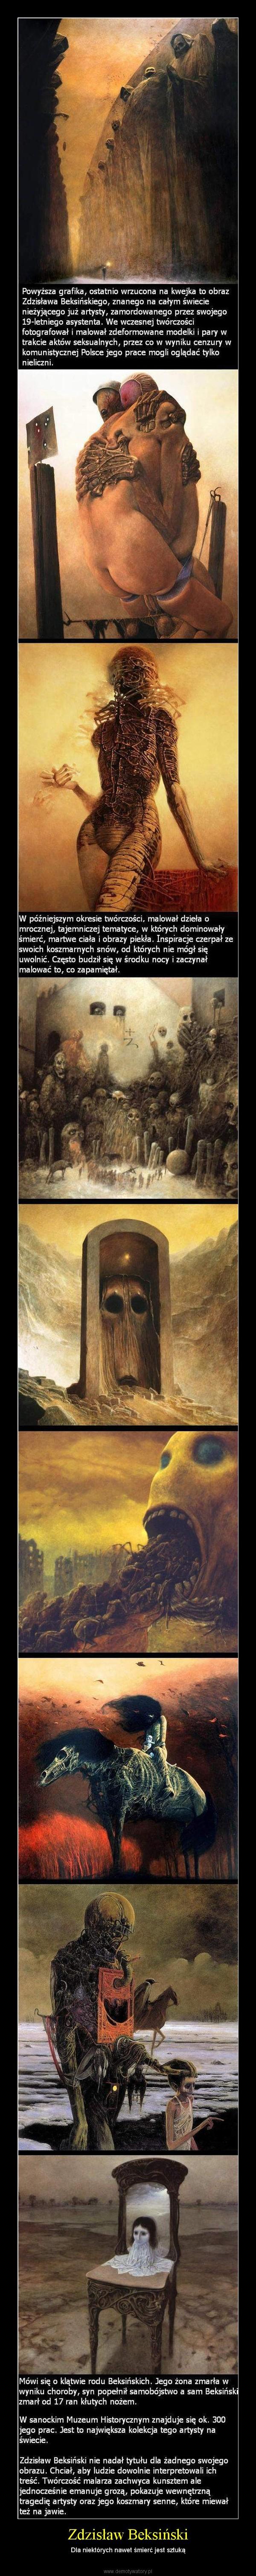 Zdzisław Beksiński – Dla niektórych nawet śmierć jest sztuką